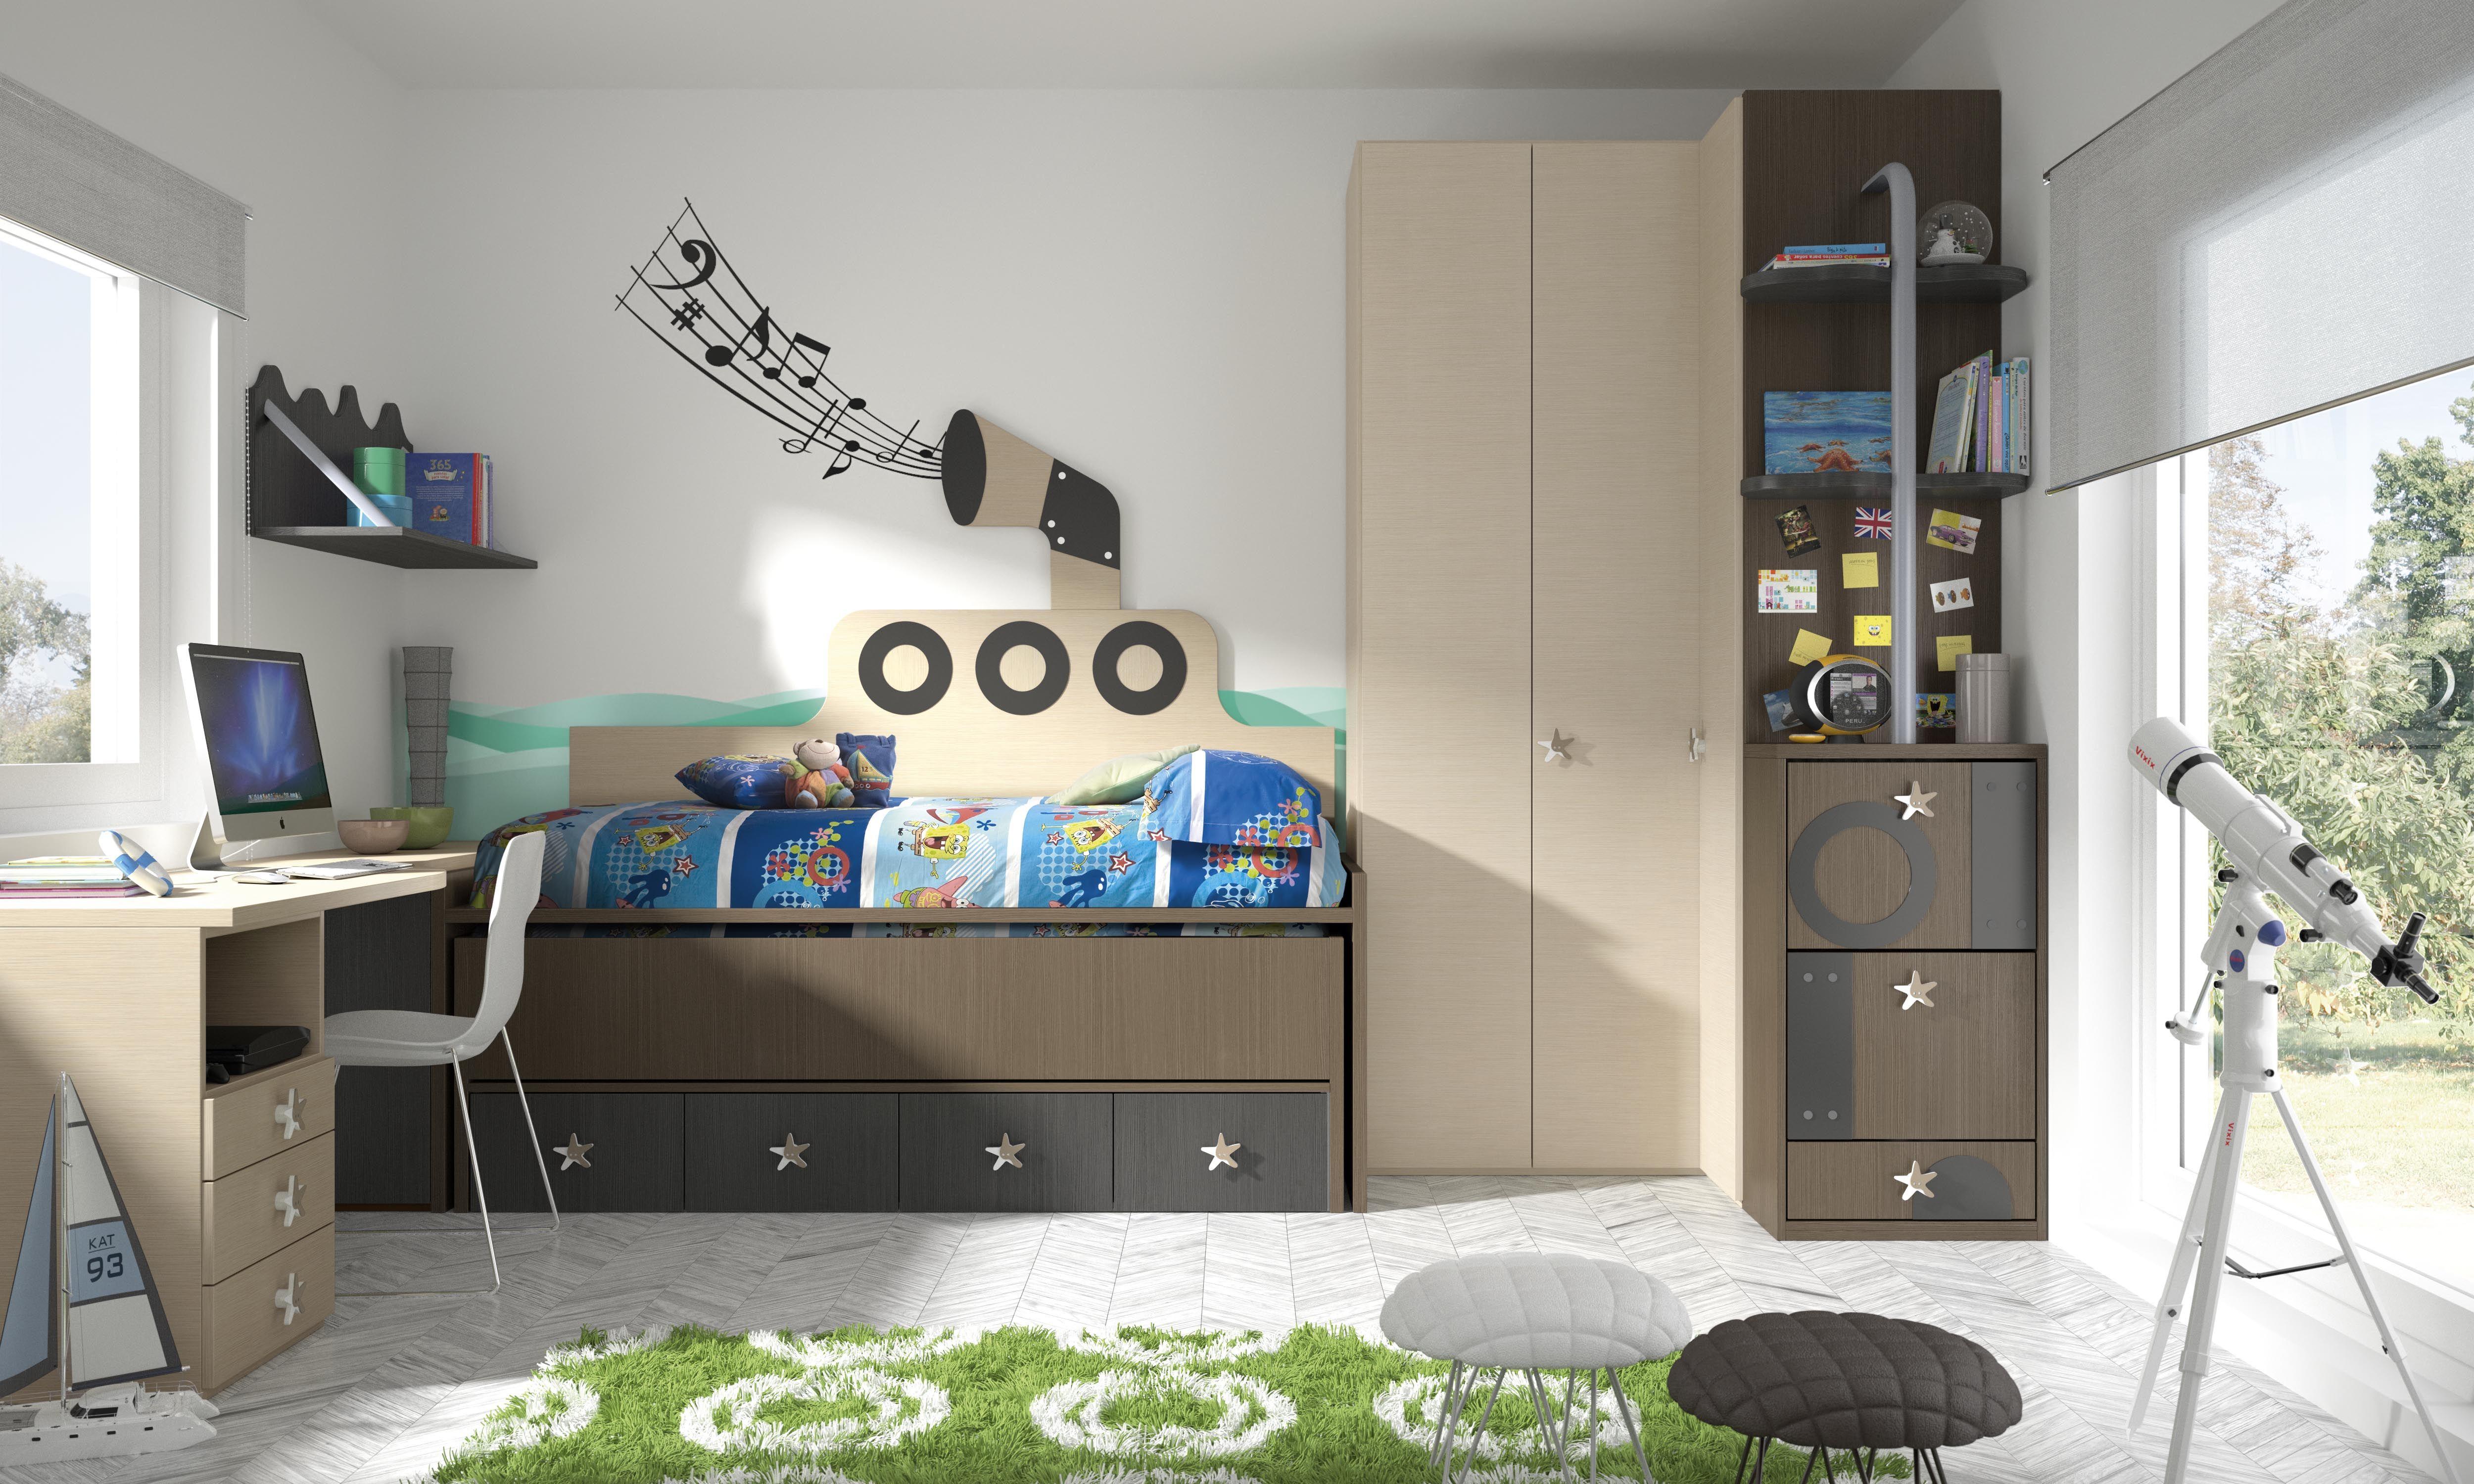 Habitaciones infantiles tem ticas dibujos animados bob5 fondo del mar seabed - Habitaciones infantiles tematicas ...